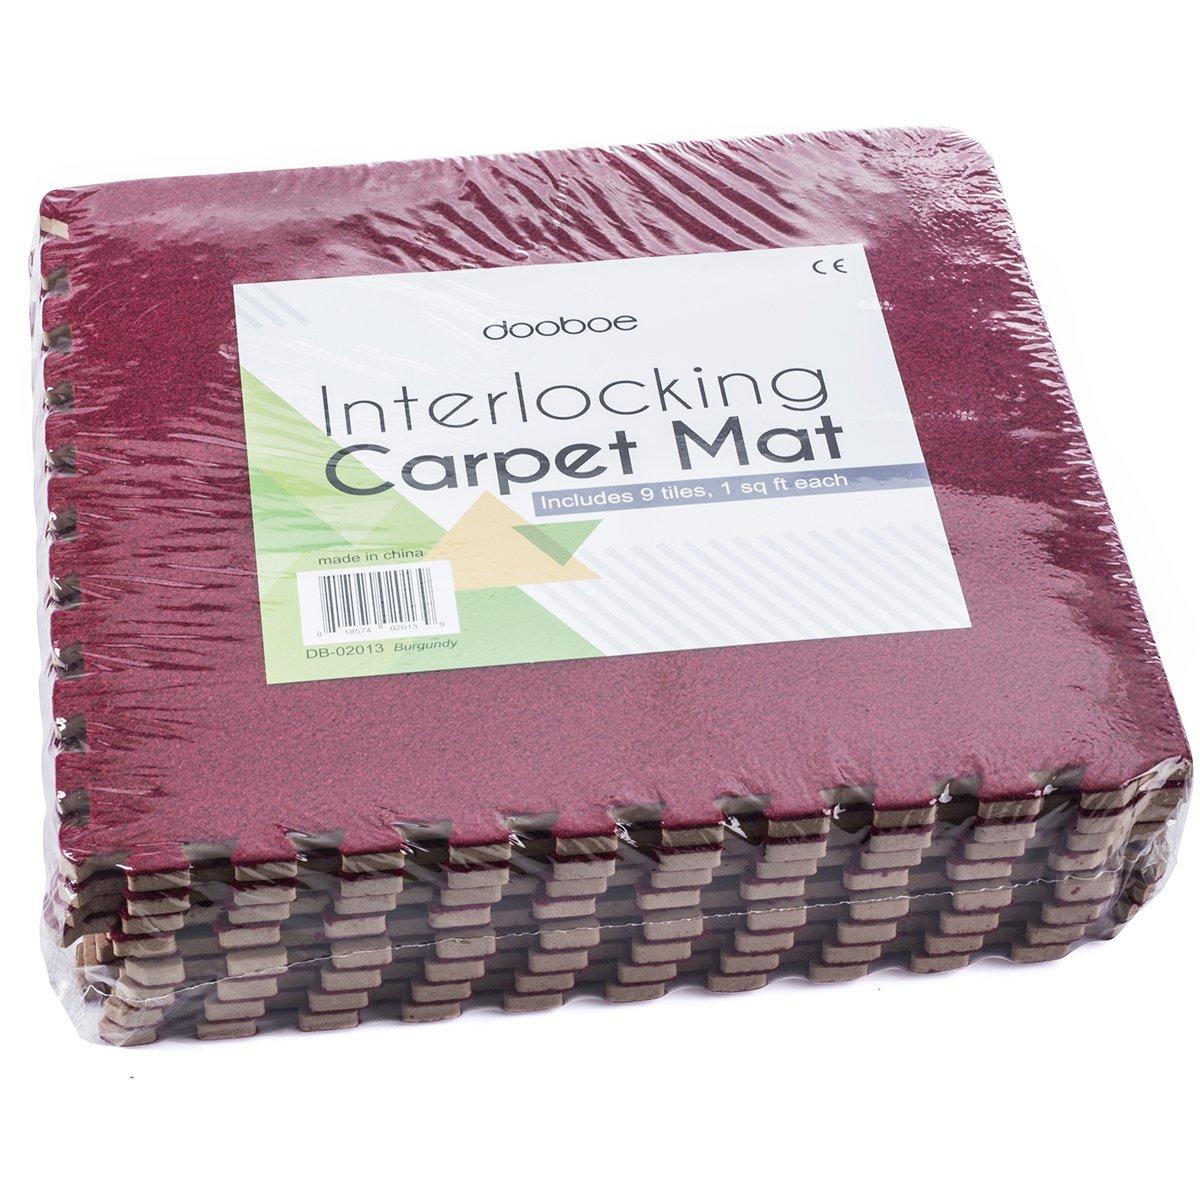 Gray Anti-Fatigue Carpet Interlocking Floor Tiles Non-Toxic Premium Puzzle Floor Mat with Borders Interlocking Carpet Tiles Carpet Foam Tiles Dooboe Interlocking Foam Mats